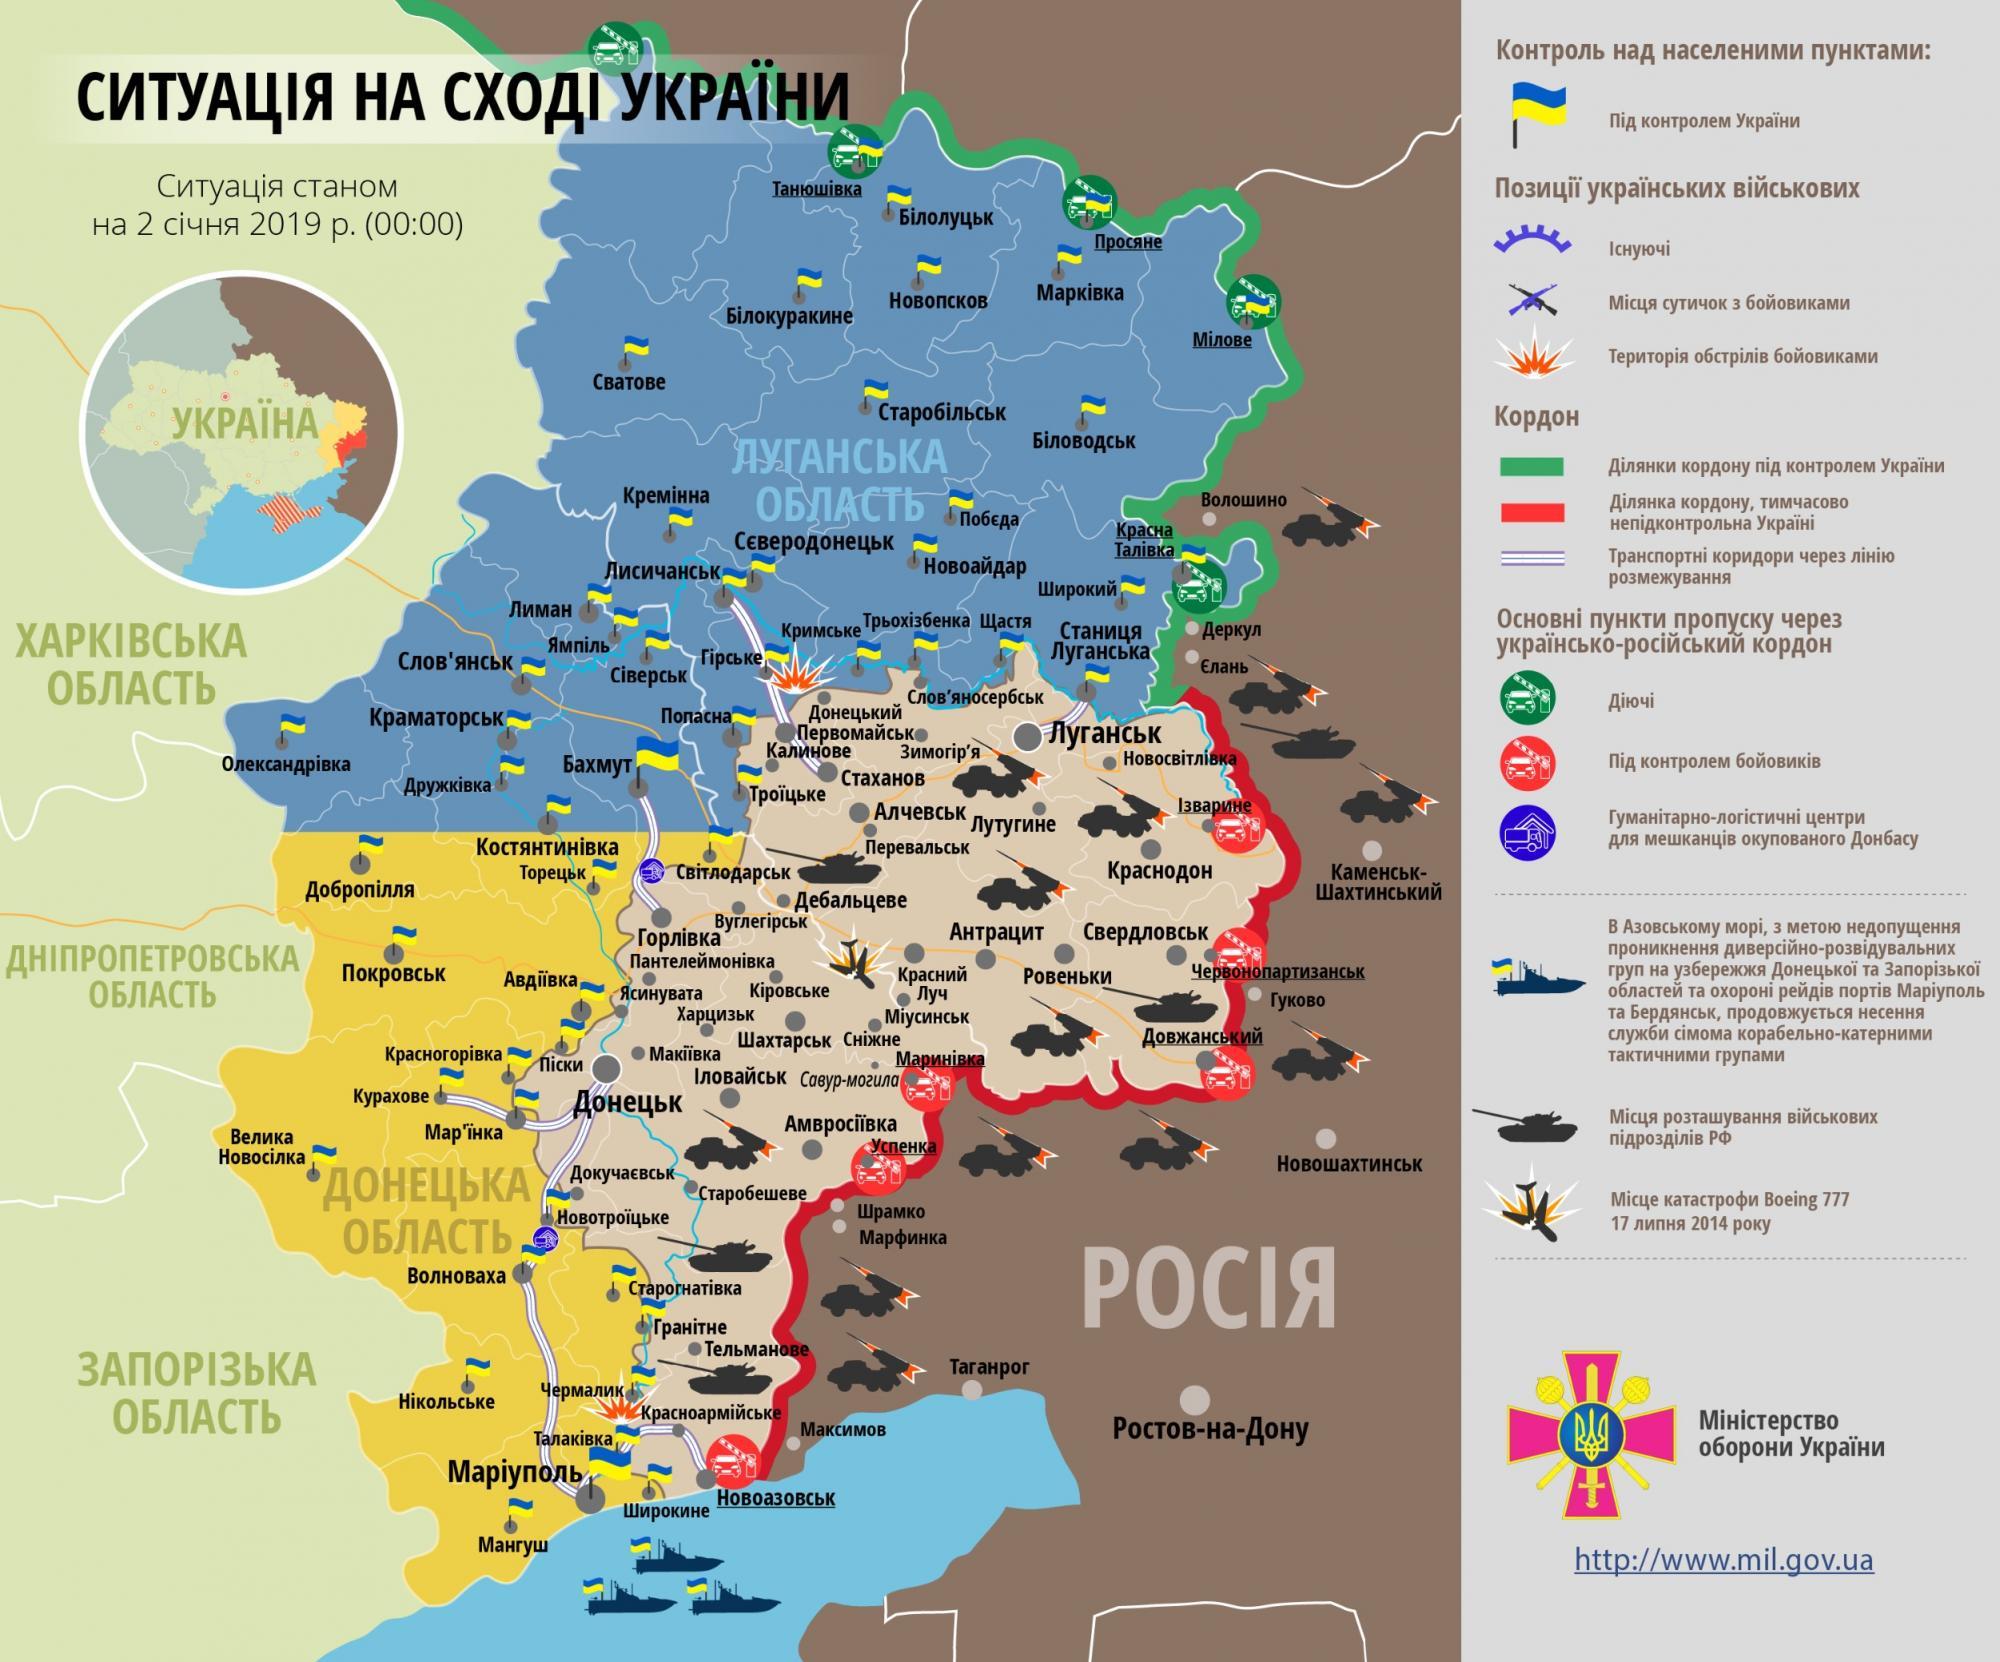 Ситуация на Донбассе по состоянию на 2 января 2019